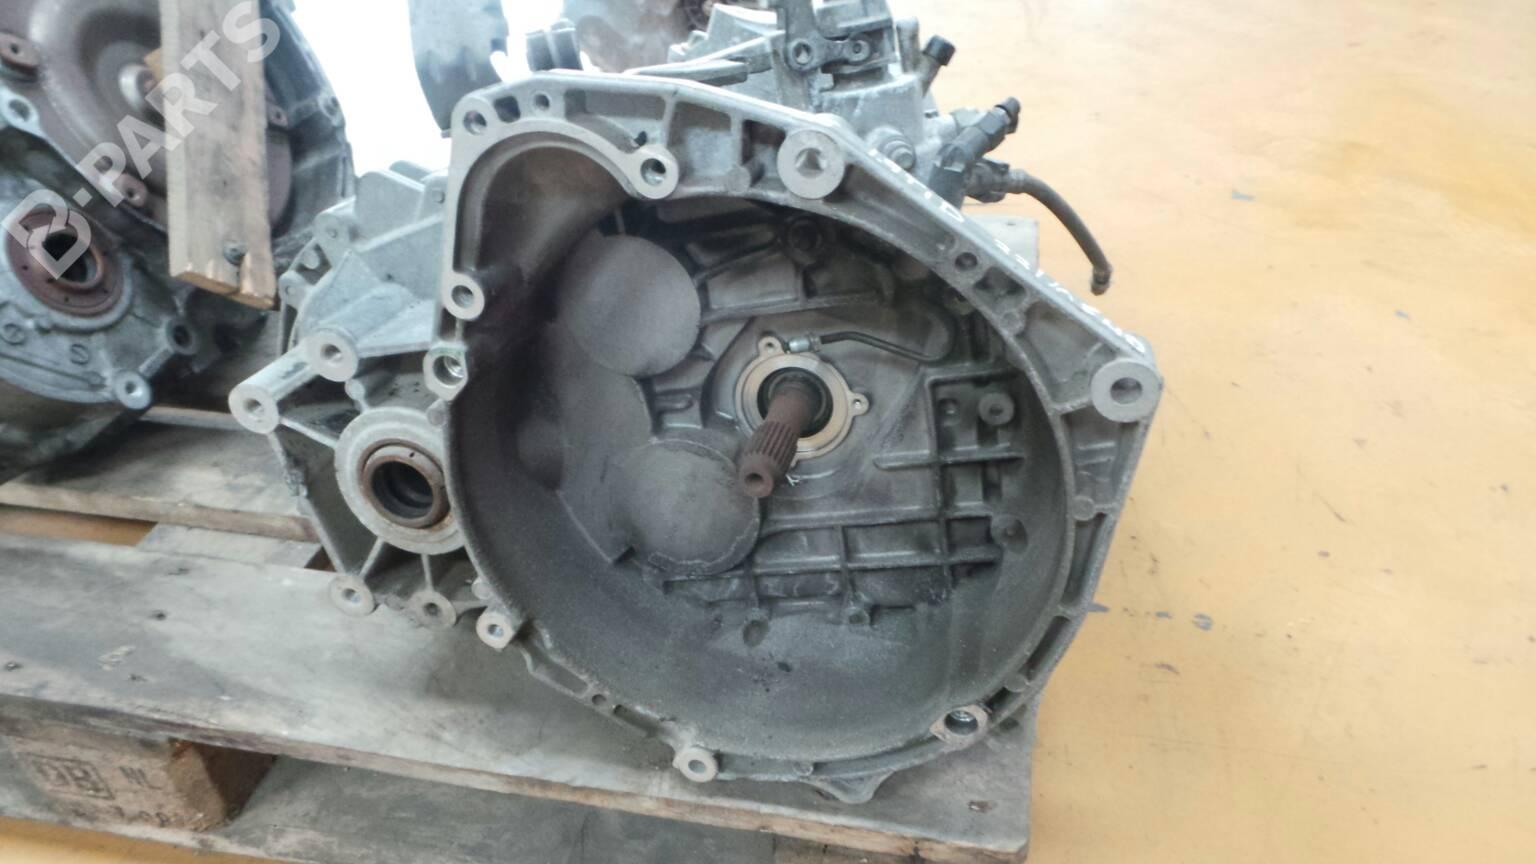 Manual Gearbox Saab 9 3 Ys3f 19 Tid 28339 2007 Engine Diagram F40 150hp